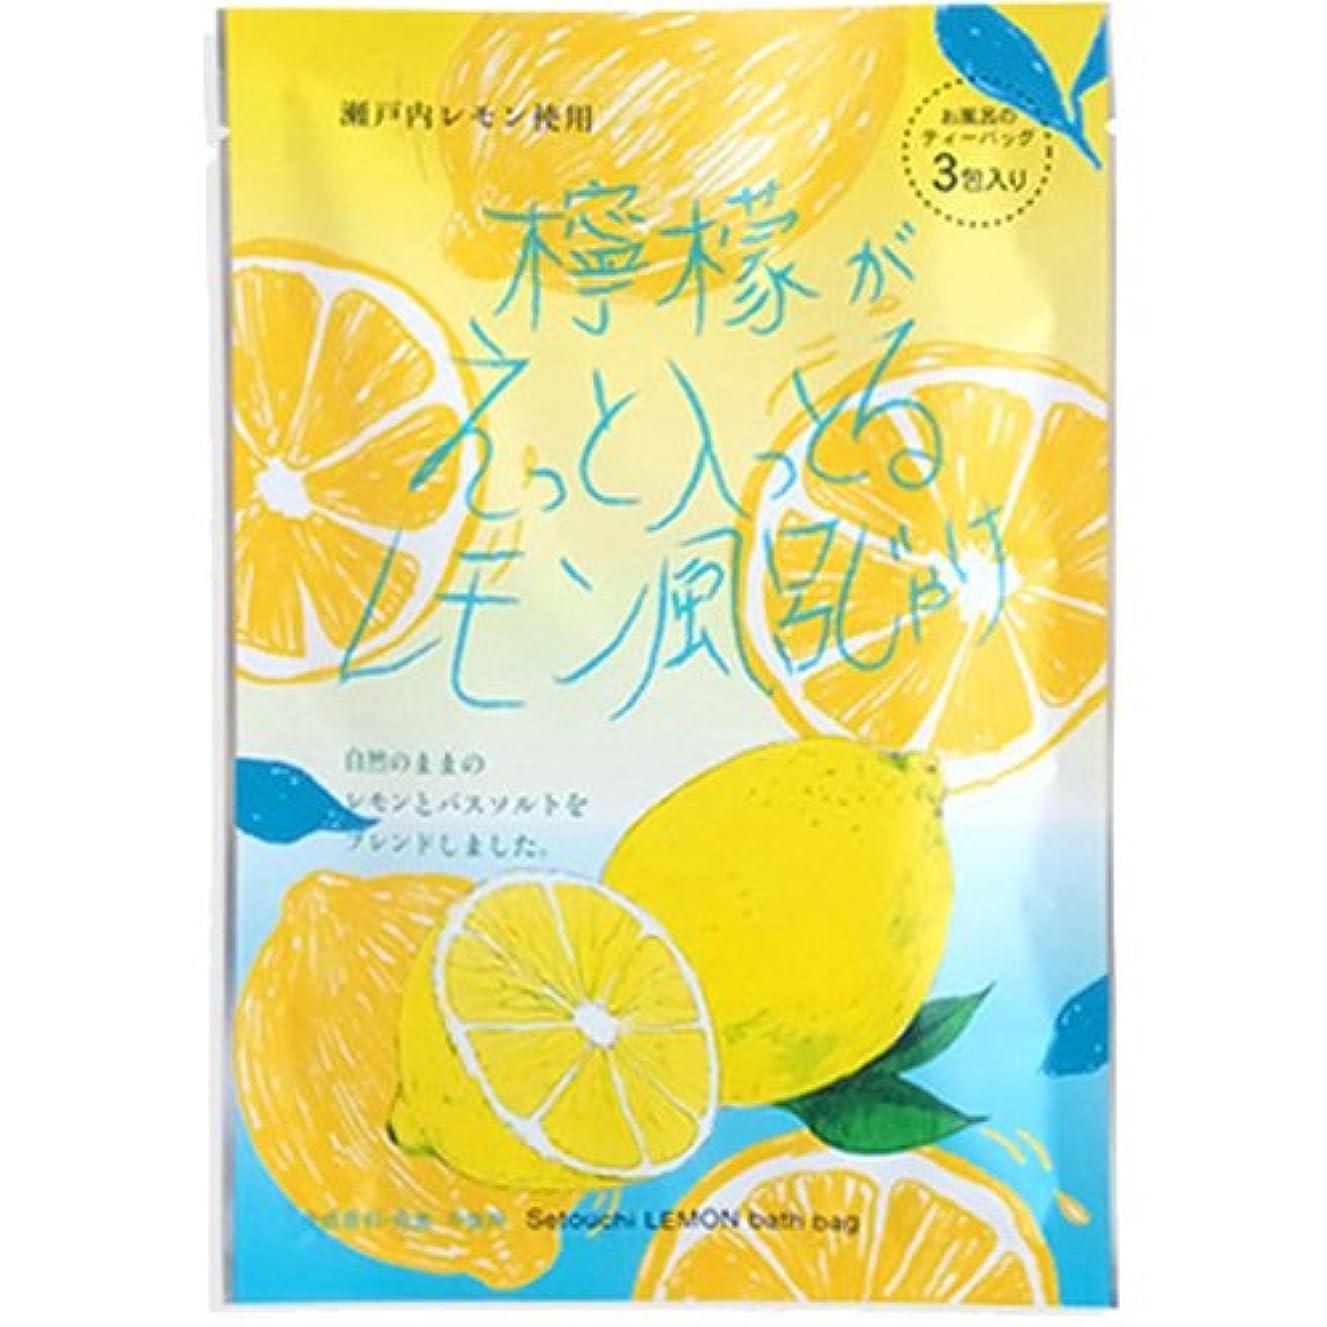 檸檬がえっと入っとるレモン風呂じゃけ